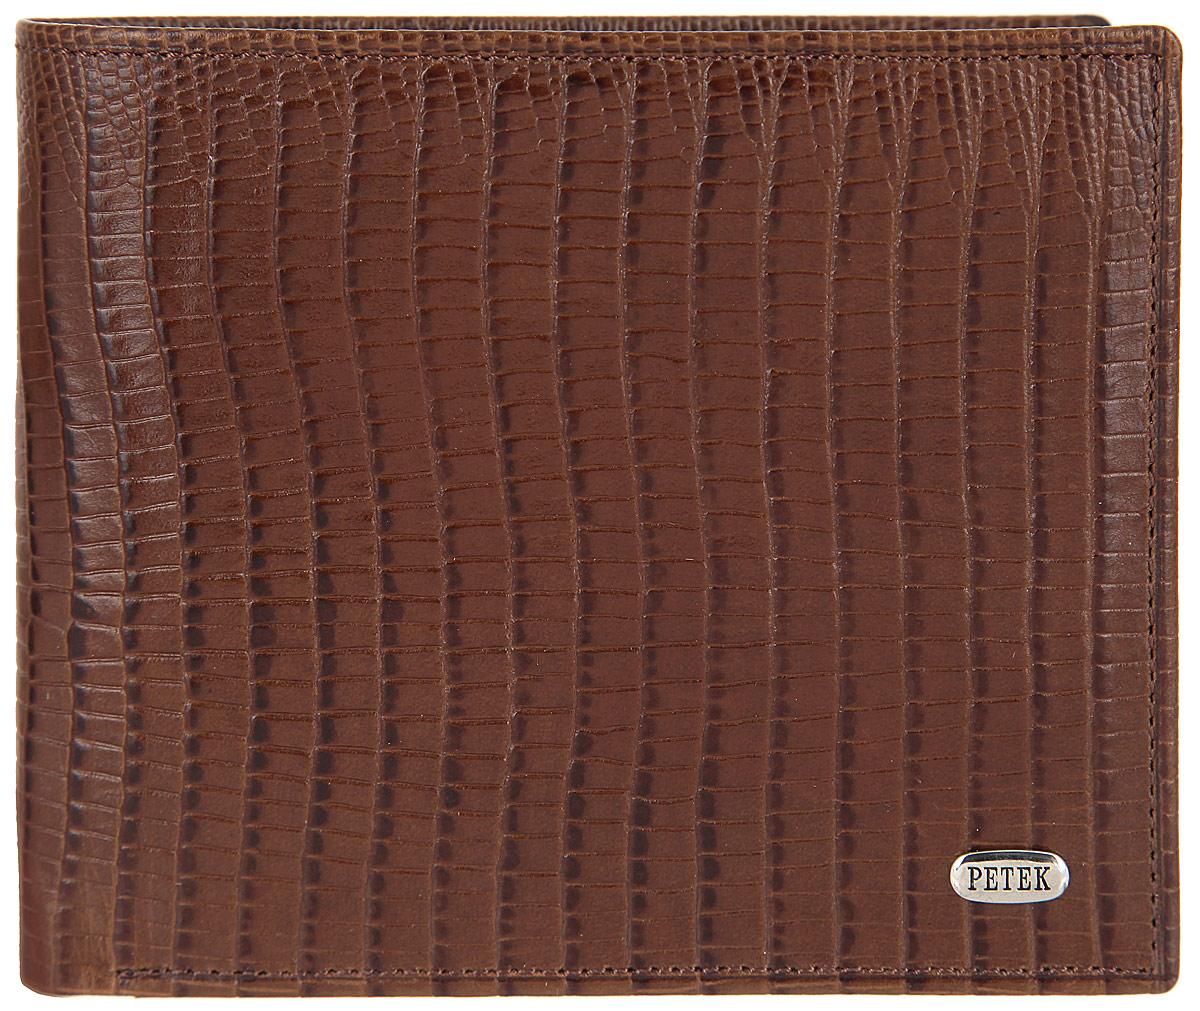 Портмоне мужское Petek 1855, цвет: коричневый. 120.041.02120.041.02 D.BrownСтильное мужское портмоне Petek выполнено из натуральной кожи с тиснением под рептилию и оформлено металлической фурнитурой с символикой бренда. Изделие раскладывается пополам. Внутри размещены два отделения для купюр, отделение для монет на кнопке, три кармашка для кредитных карт или визиток, дополнительный накладной карман. Изделие поставляется в фирменной упаковке. Стильное портмоне Petek станет отличным подарком для человека, ценящего качественные и практичные вещи.